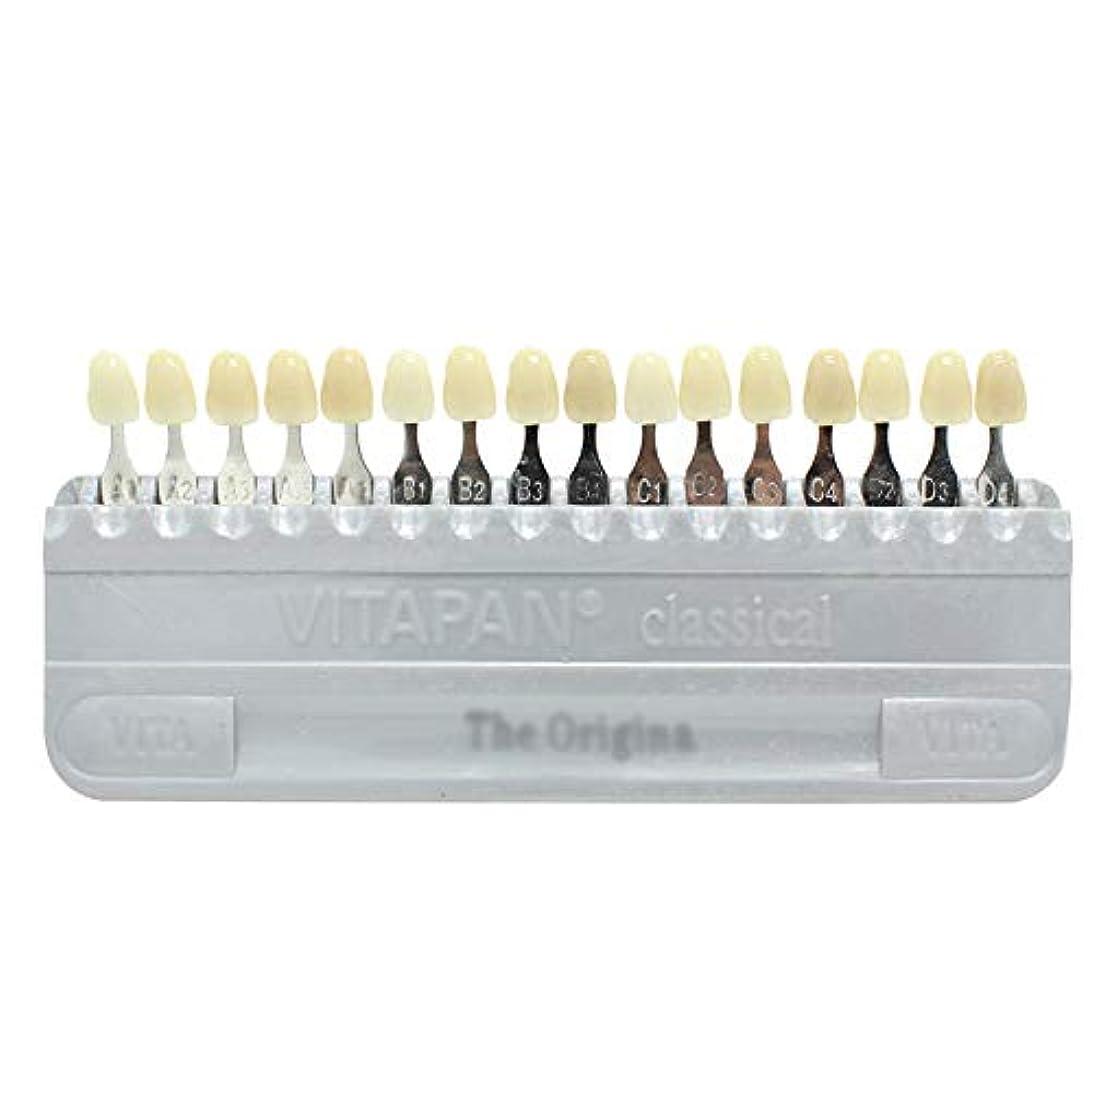 きらきら信じられない予防接種PochiDen 歯科ホワイトニング用シェードガイド 16色 3D 歯列模型ボード